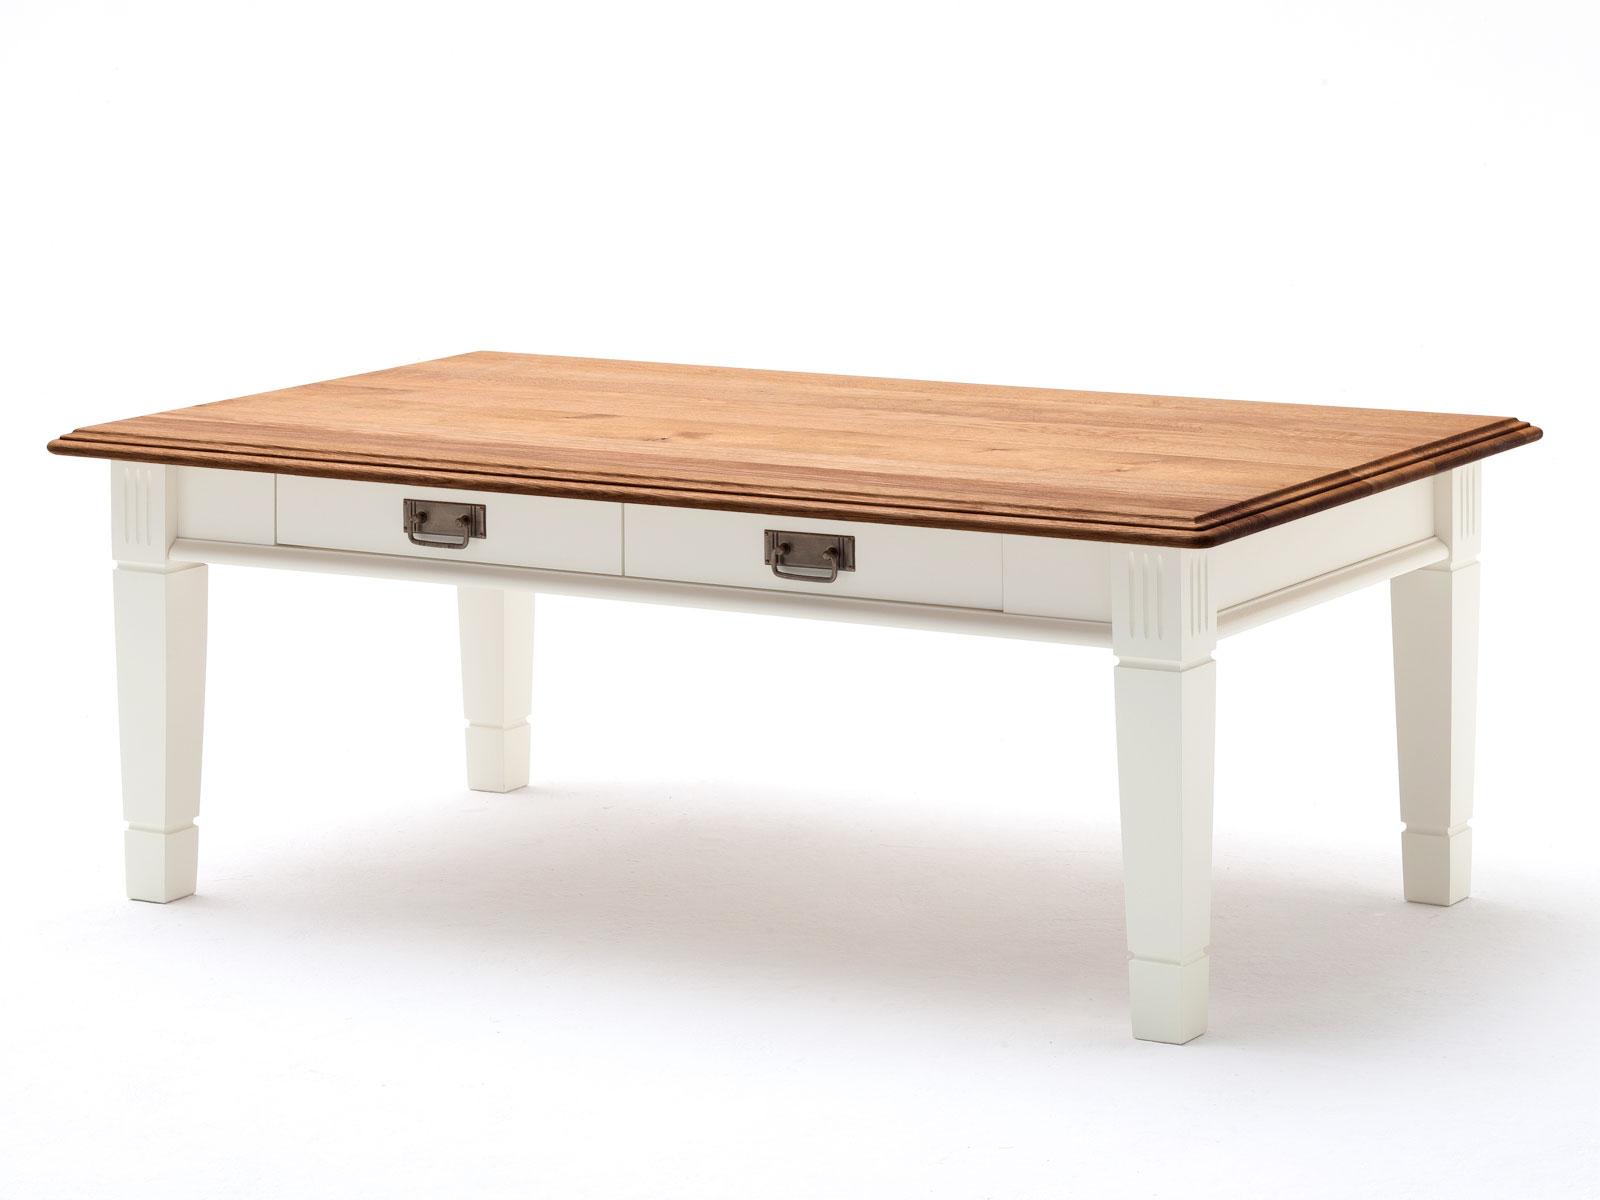 Couchtisch Wohnzimmer Tisch Novara 130x75 Cm Mit Schublade Pinie Nordica Weiss Wildeiche Natur Massiv